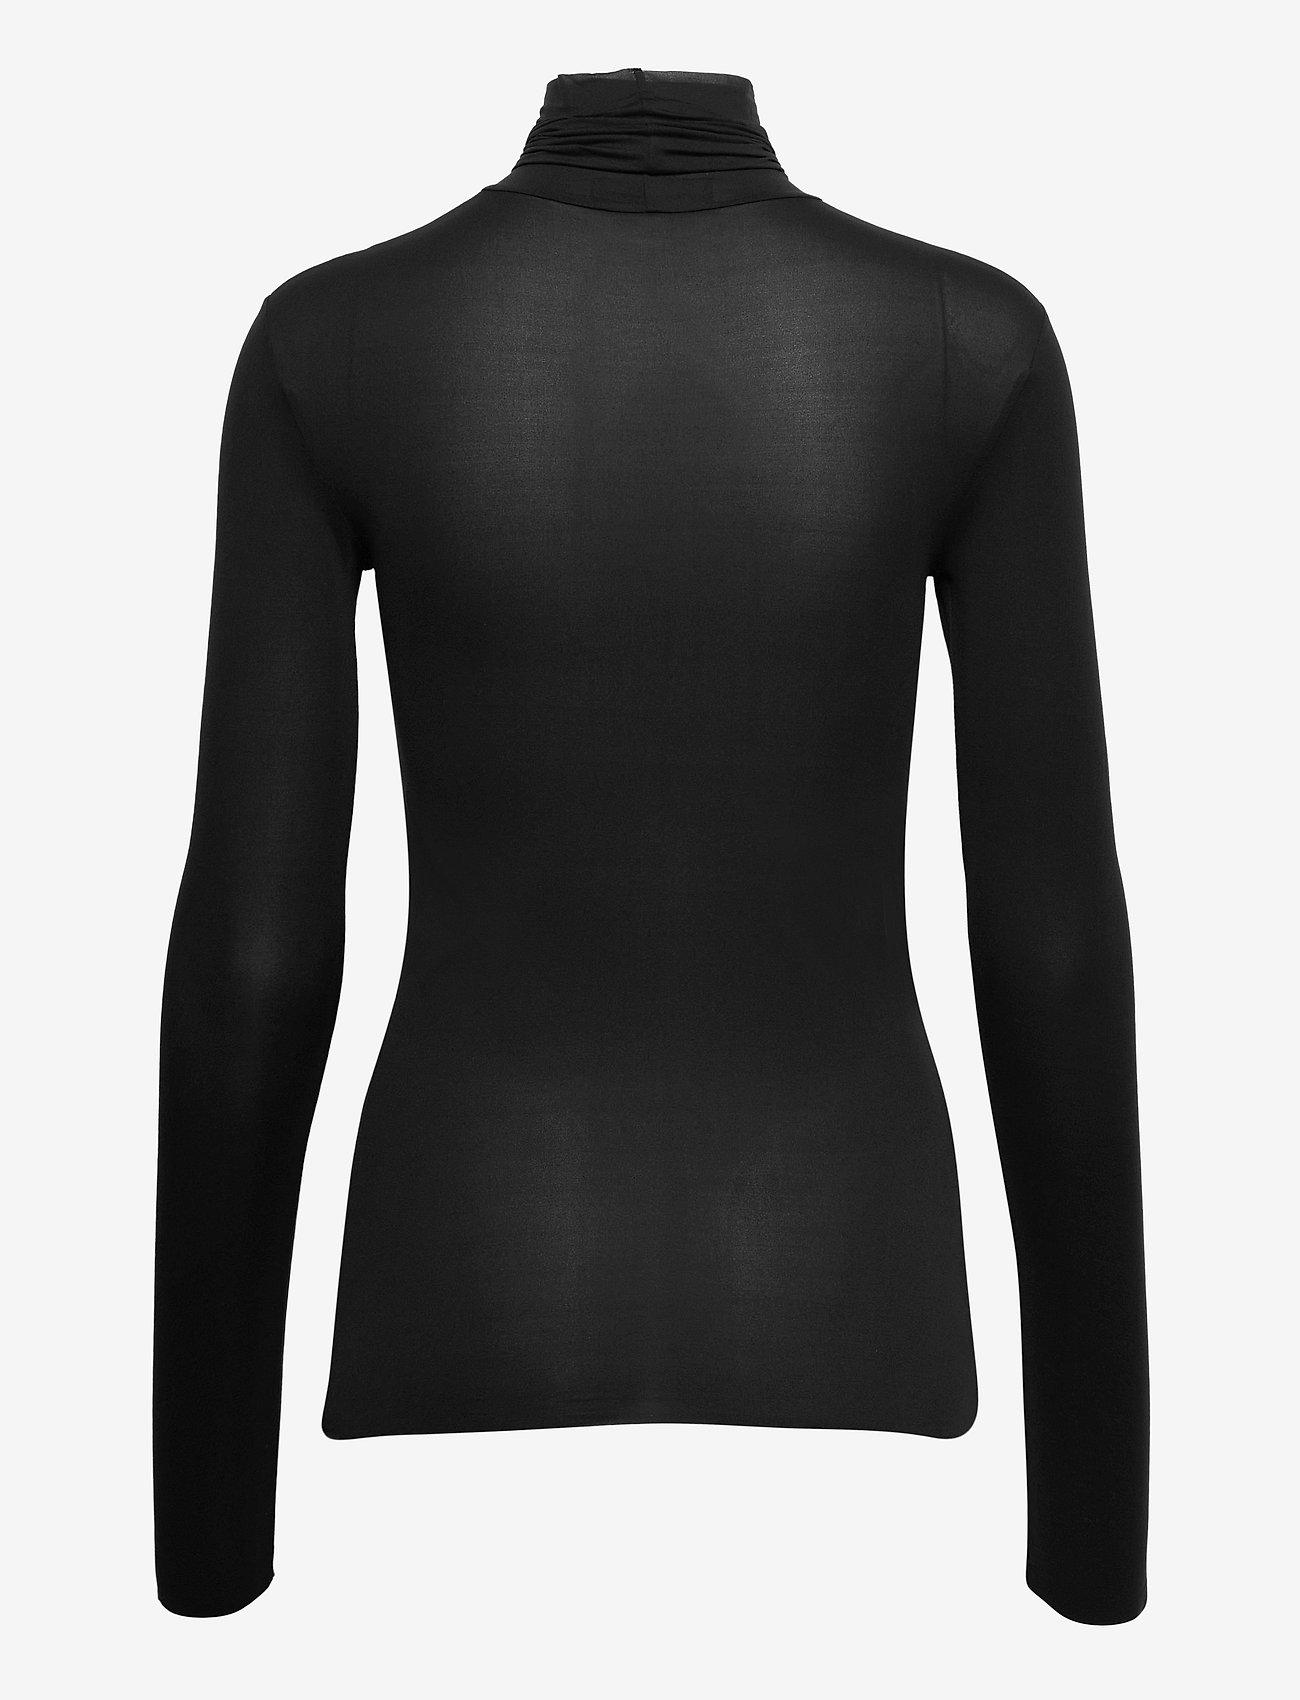 Max&Co. - PRIMIZIA - tops met lange mouwen - black - 1